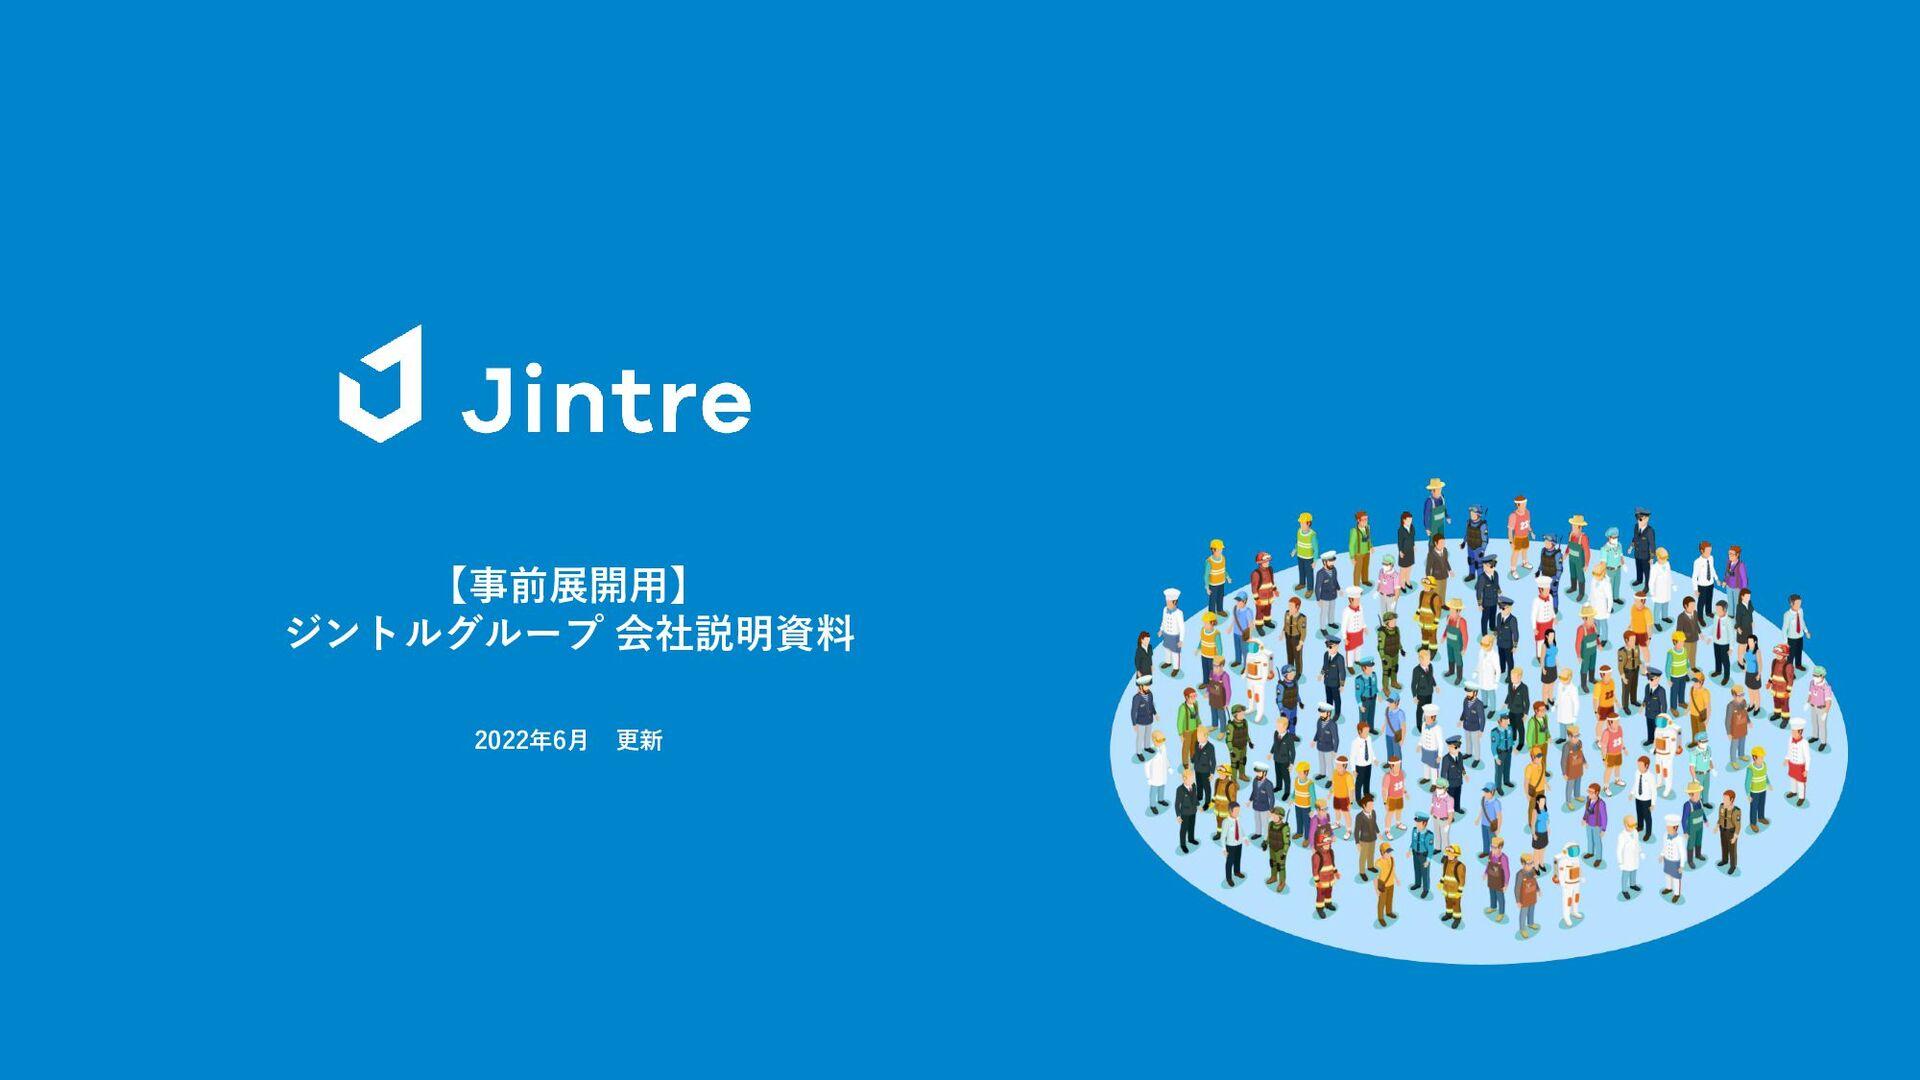 【事前展開用】 ジントルグループ 会社説明資料 2021年5月 更新